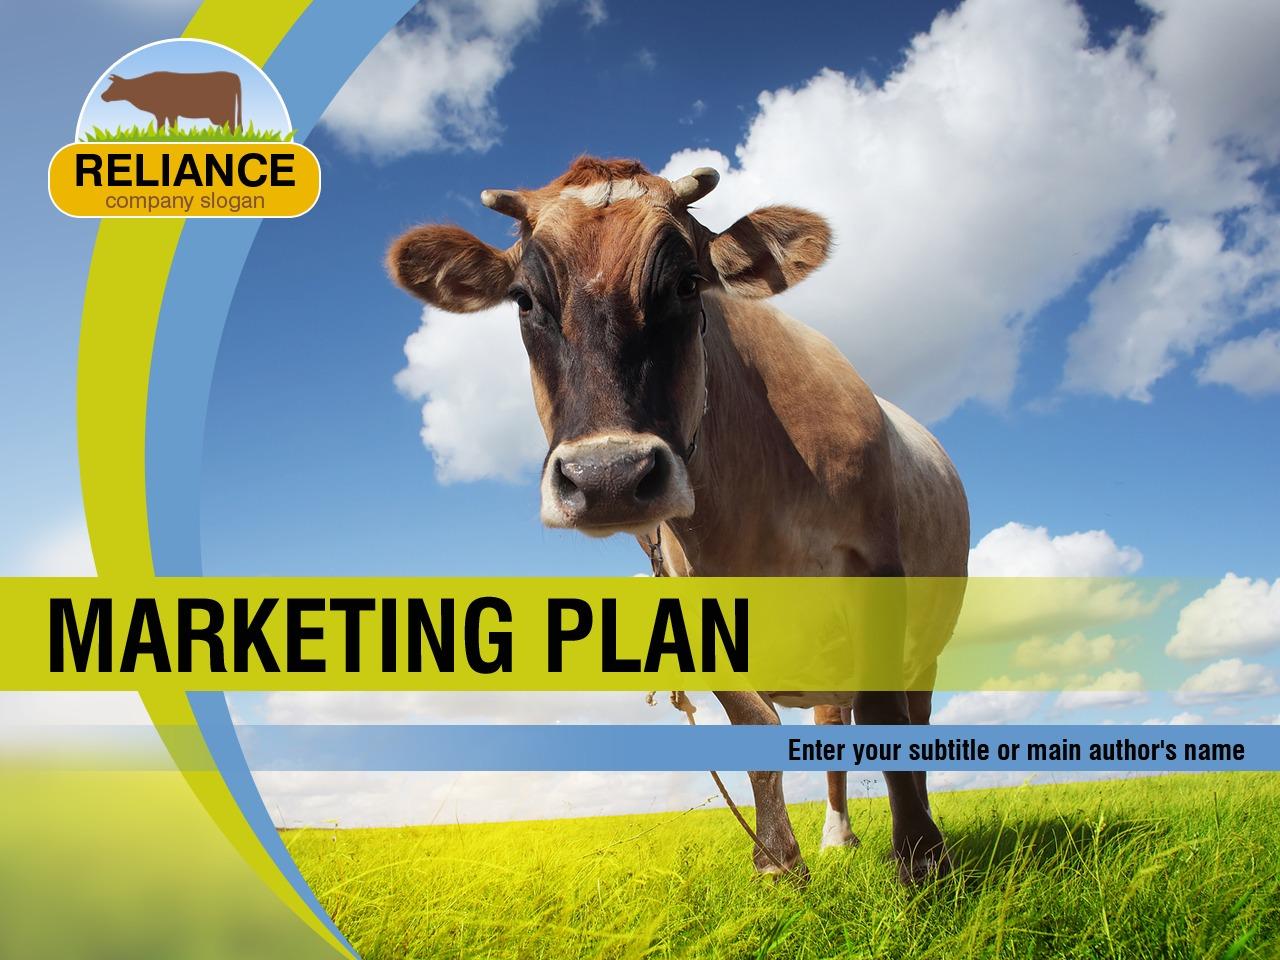 Modello PowerPoint #36683 per Un Sito di Fattoria Bestiame